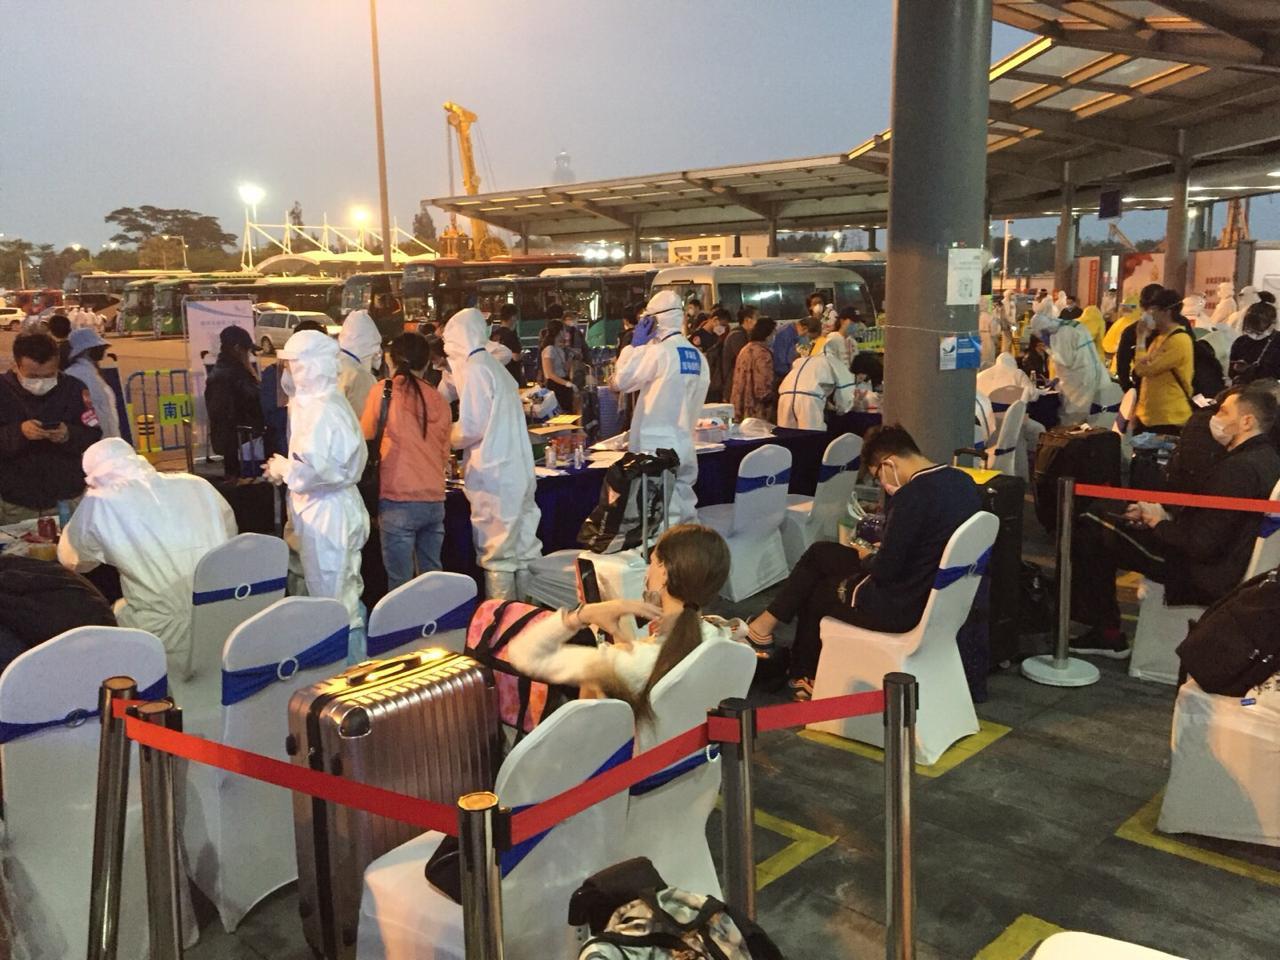 Pessoas vinda do exterior devem se submeter a medição de temperatura, na China.